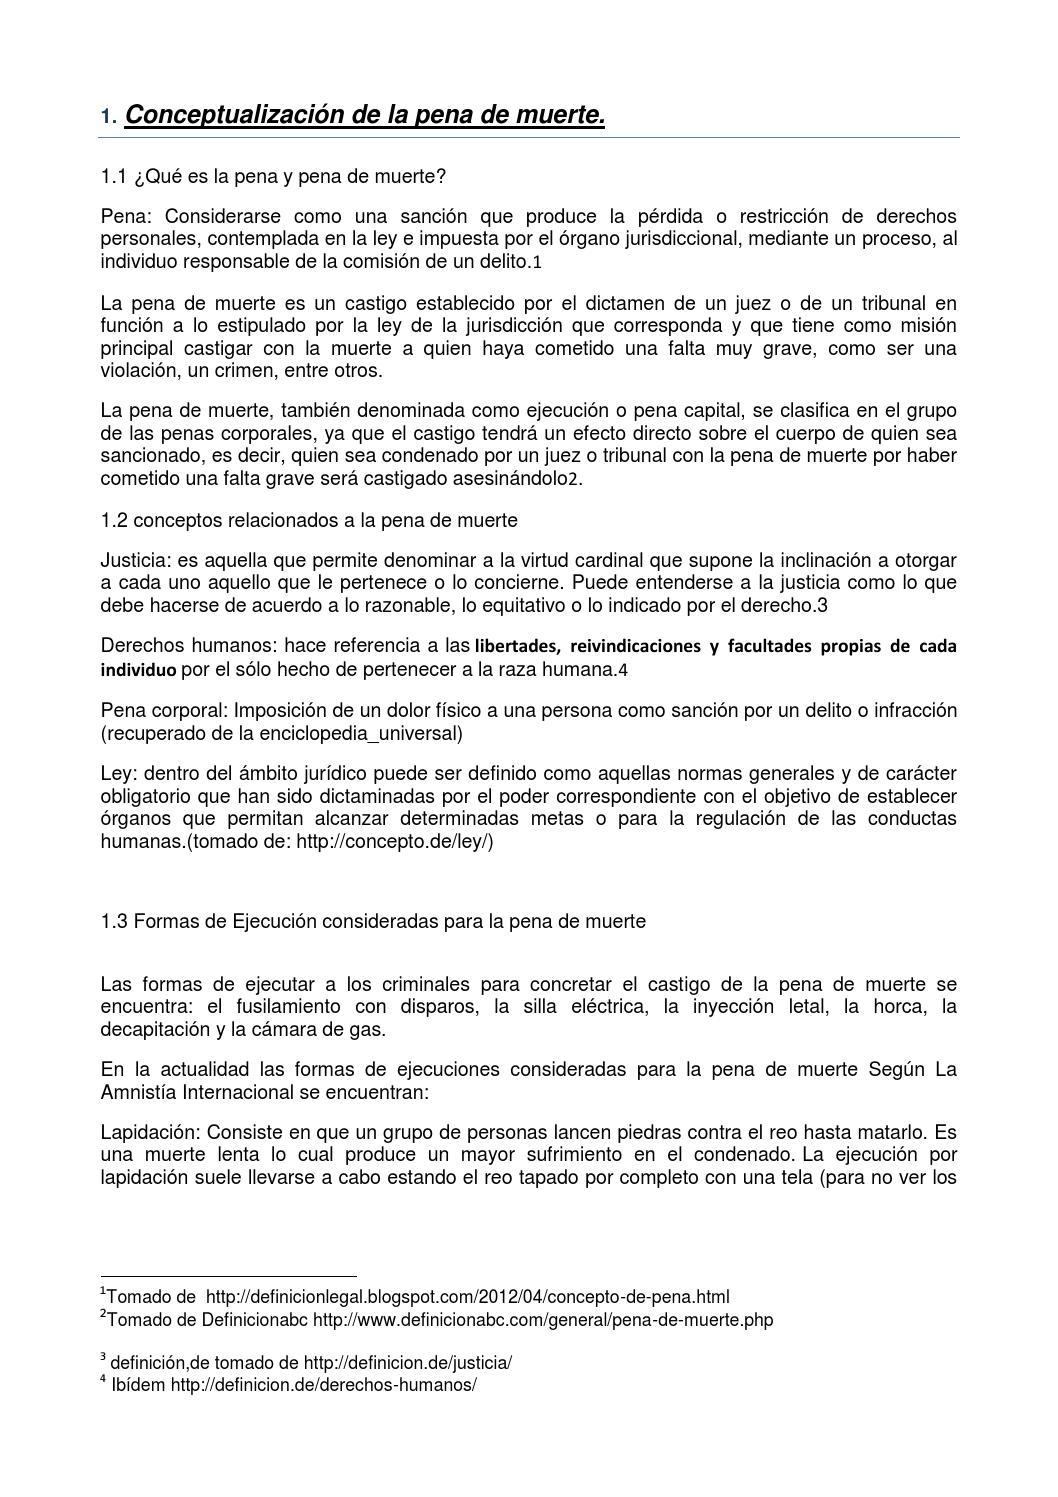 Marco teorico, pena de muerte 1 (1) by Mario Arias - issuu